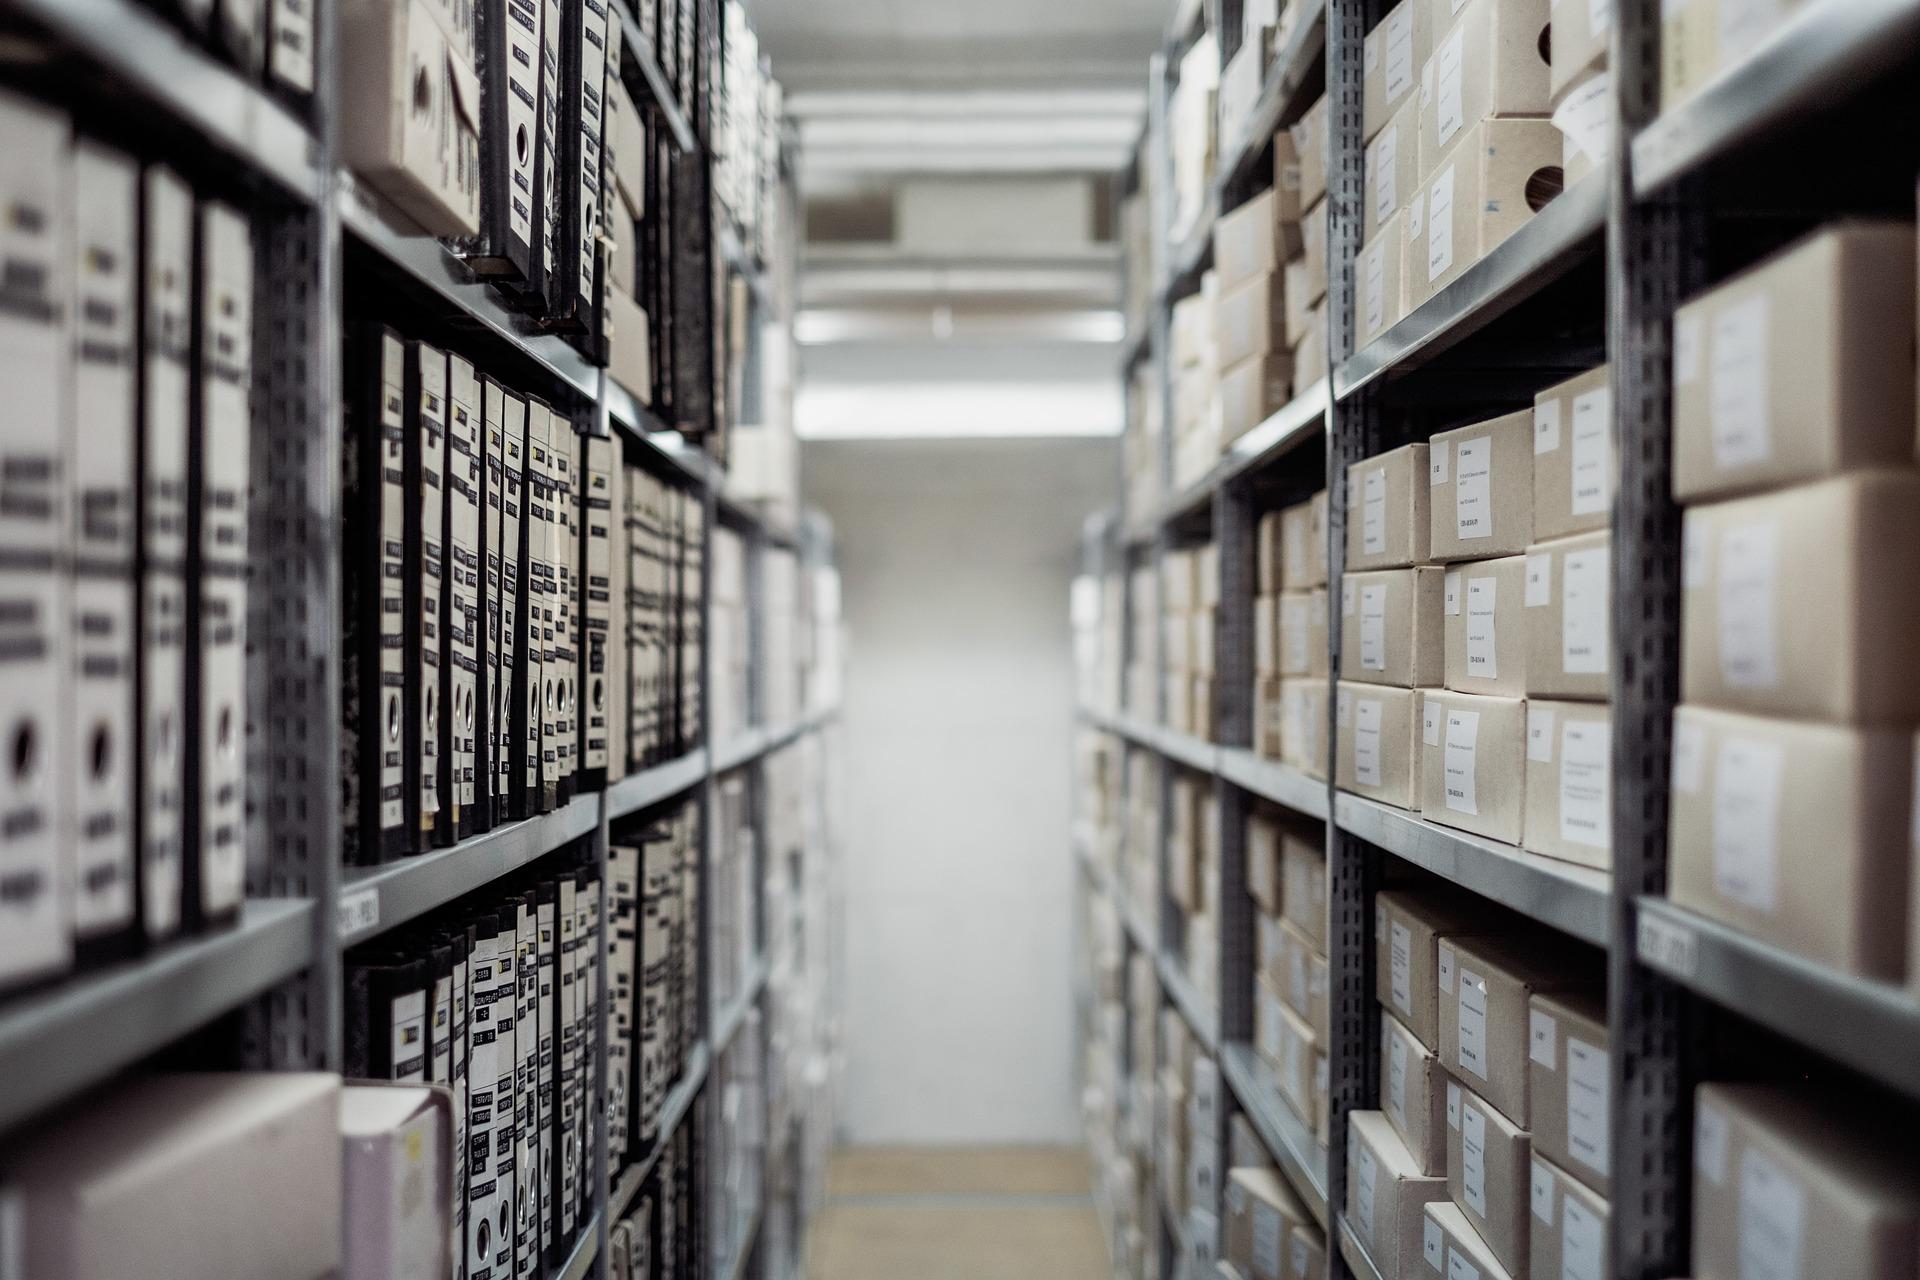 Хранение квитанций об оплате за ЖКУ